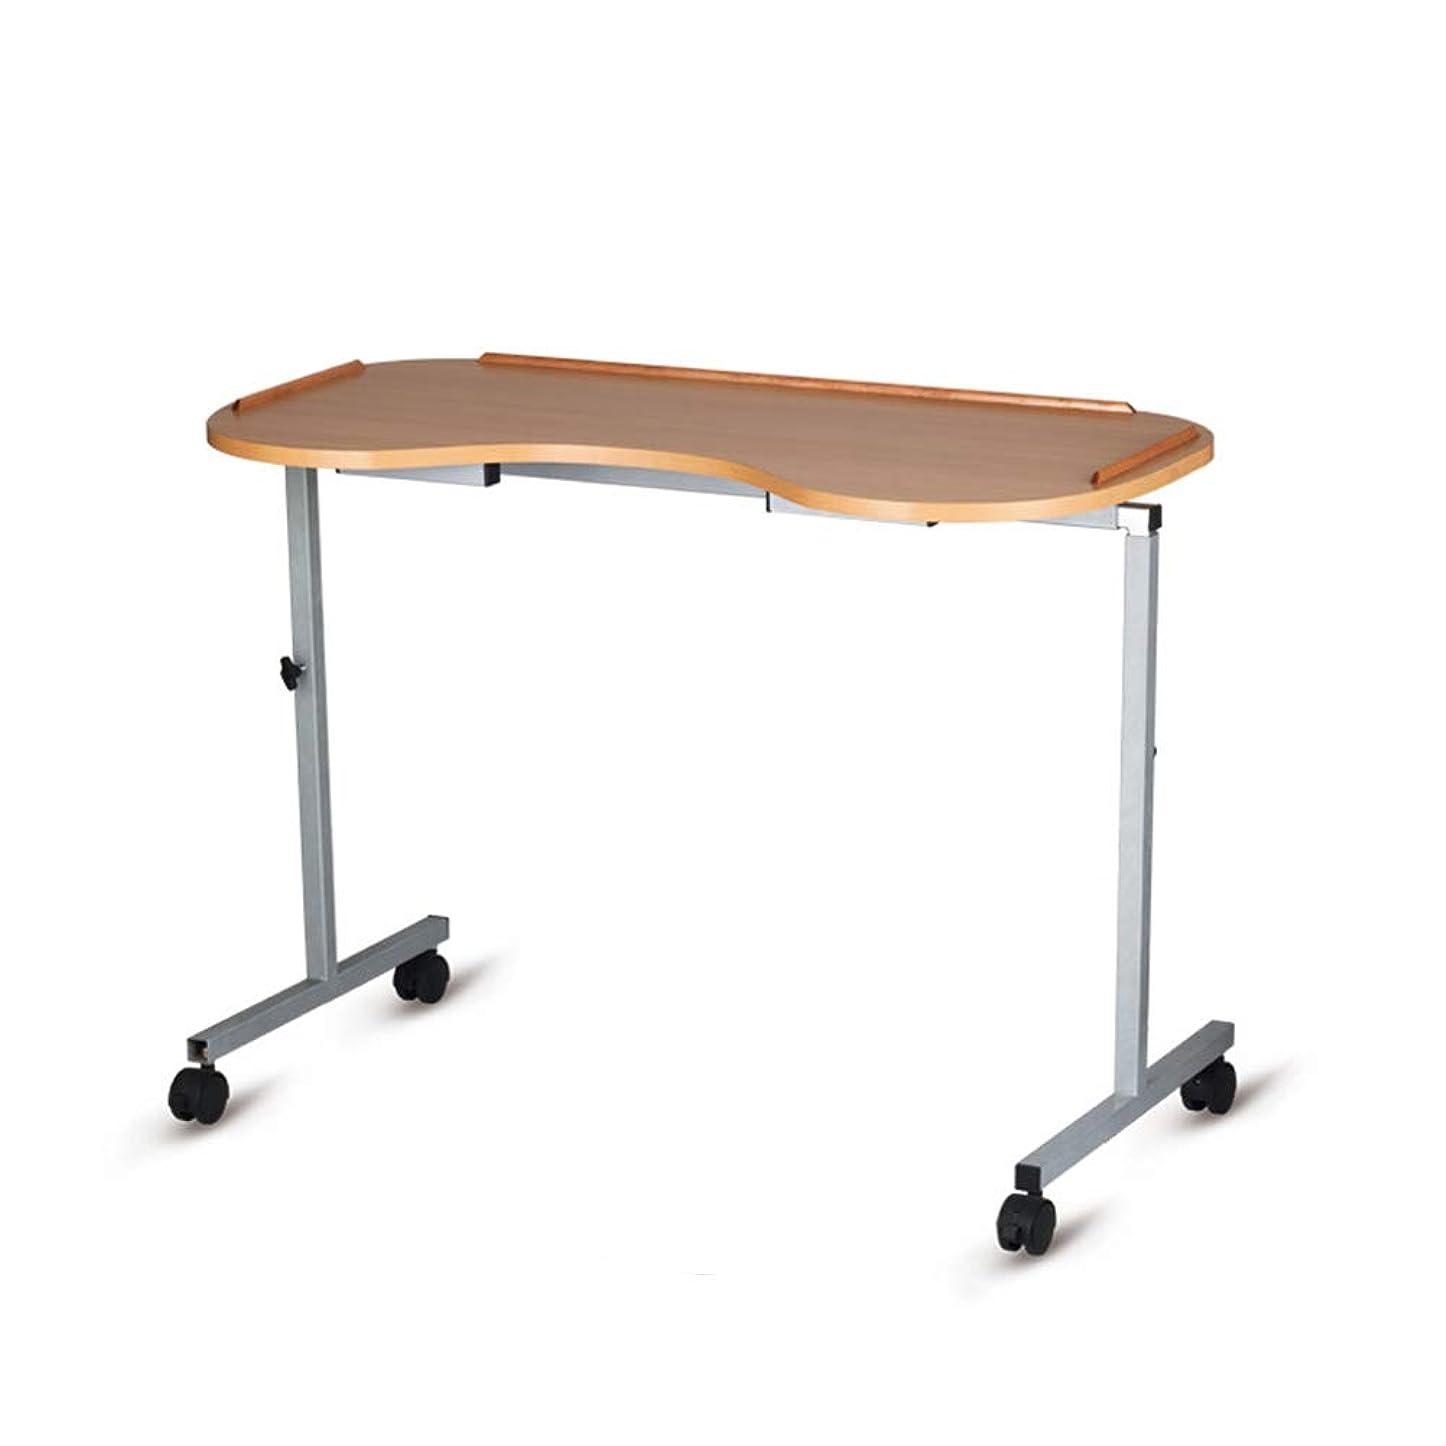 歴史家猟犬社会主義者ポータブルオーバーベッドテーブル、高さ調節可能な車輪付きテーブル、傾斜面、食事用、高齢者、身障者用